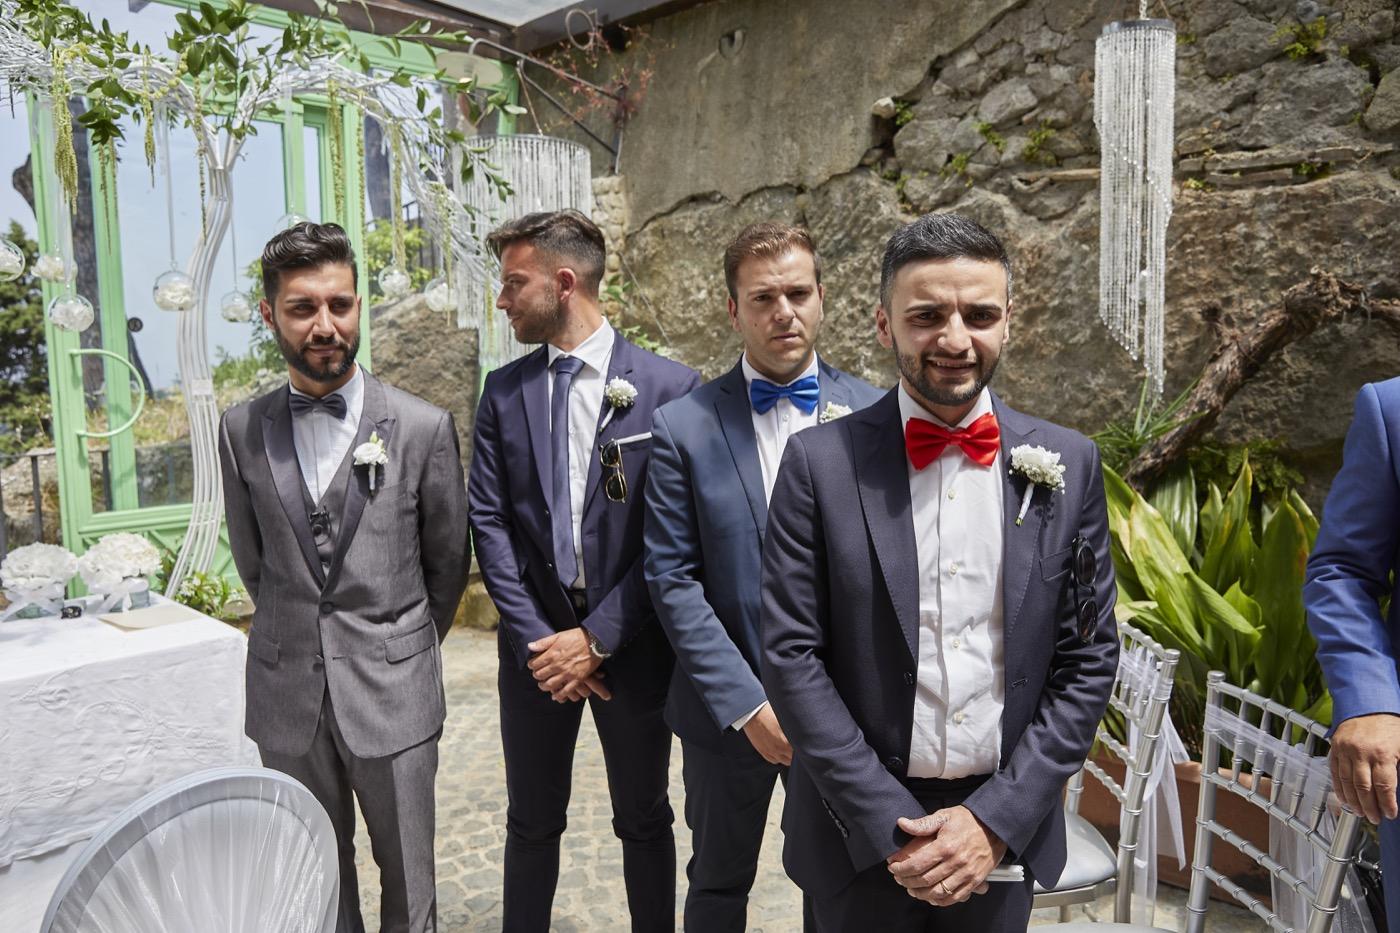 Claudio-Coppola-wedding-photographer-villa-del-cardinale-rocca-di-papa-castel-gandolfo-29